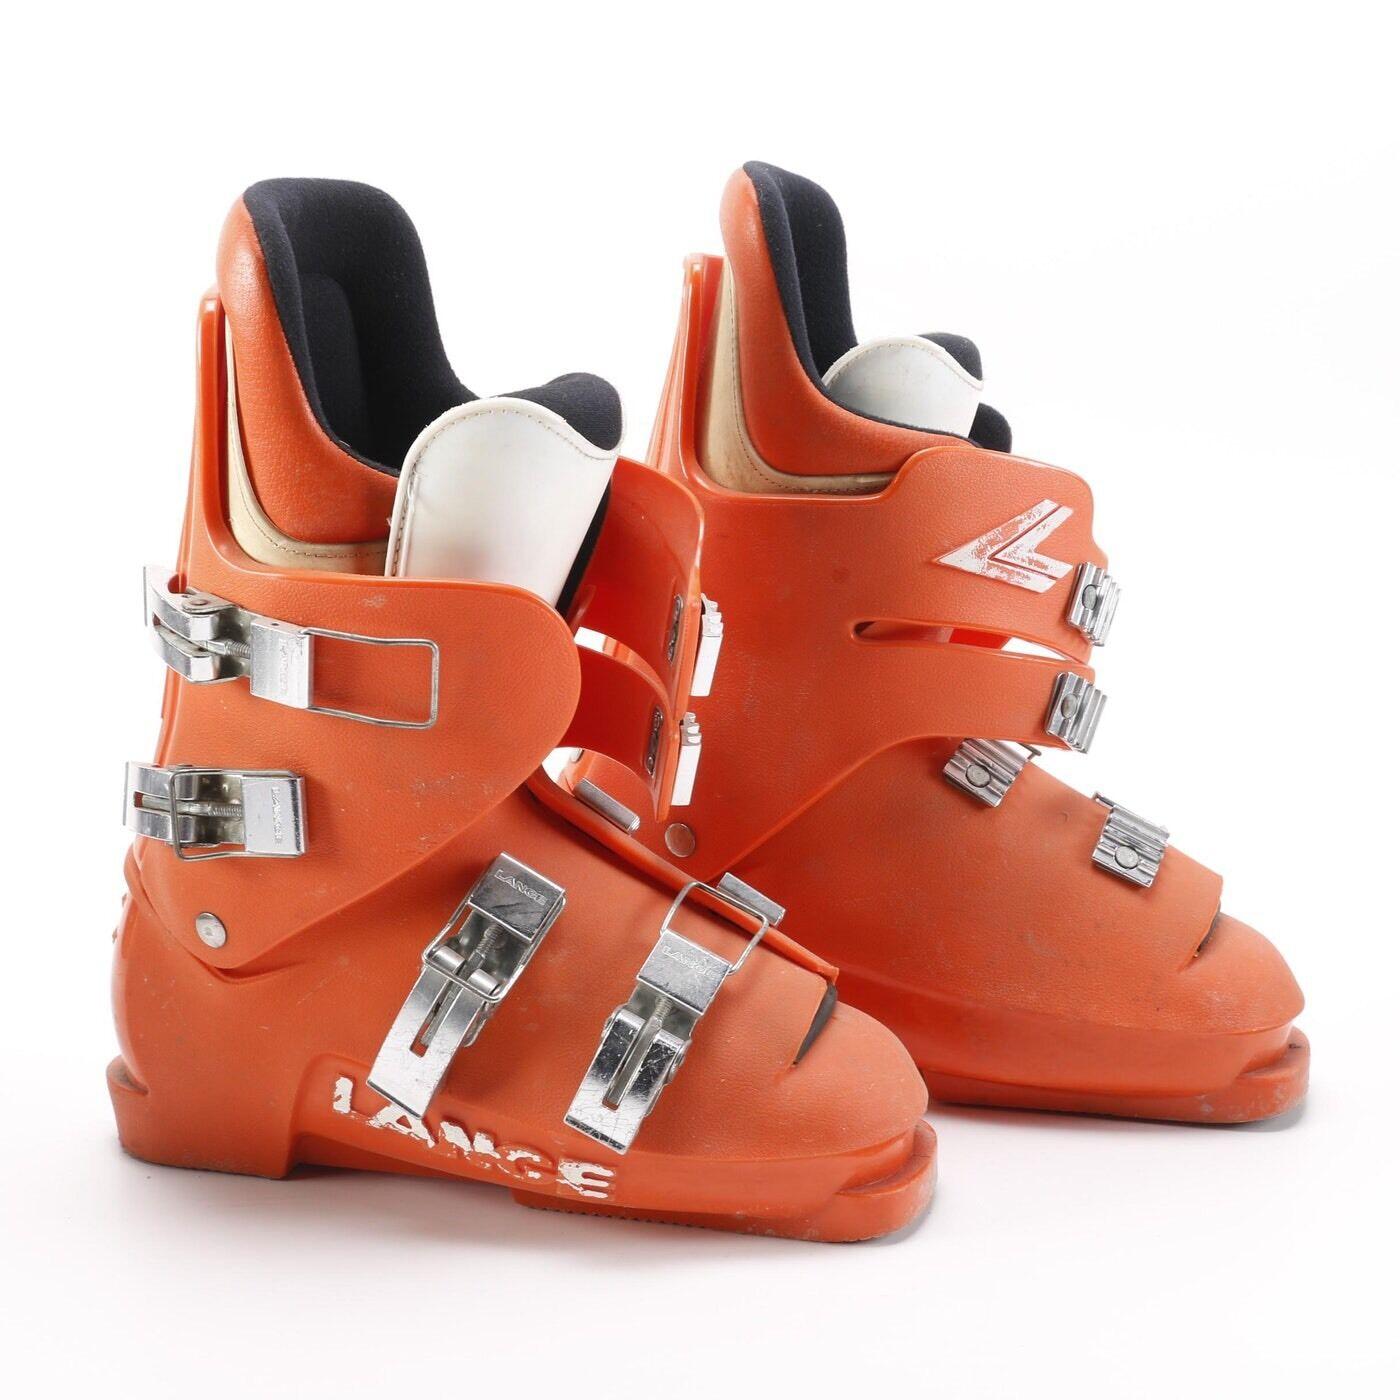 Lance Ski  Boots Used Unisex orange  authentic